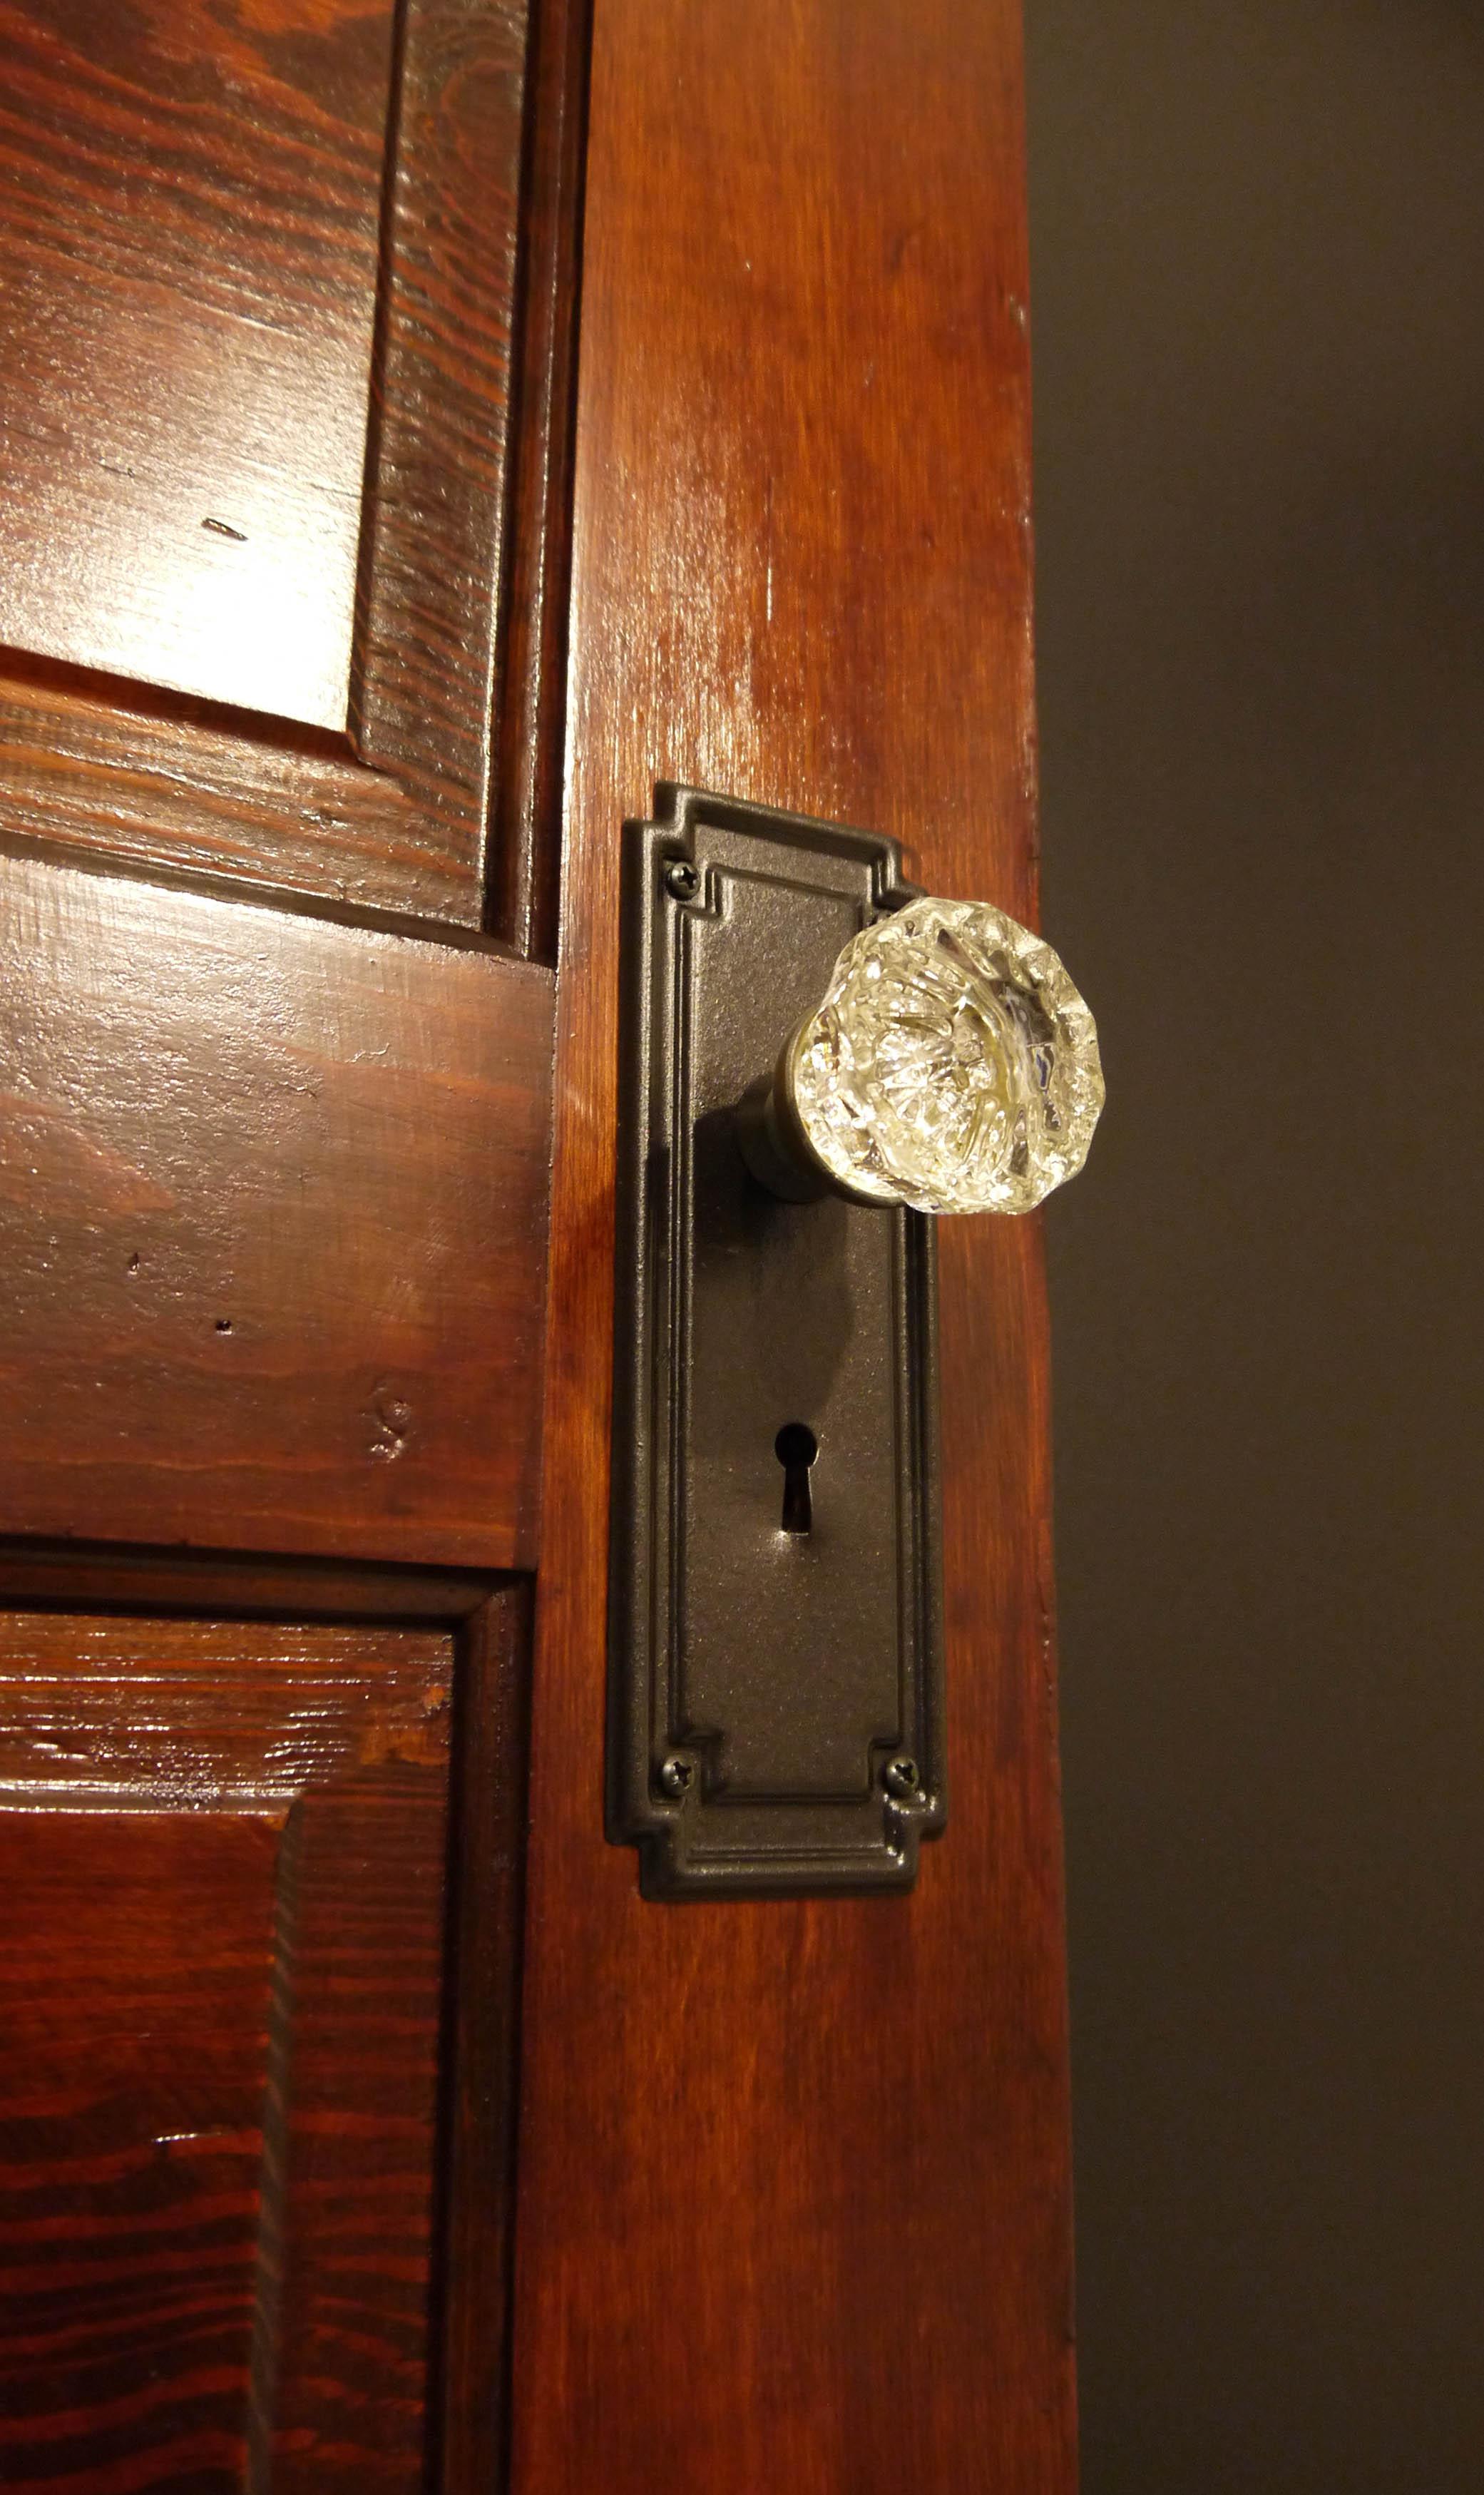 Door Handle | Up and Adam [Ries]